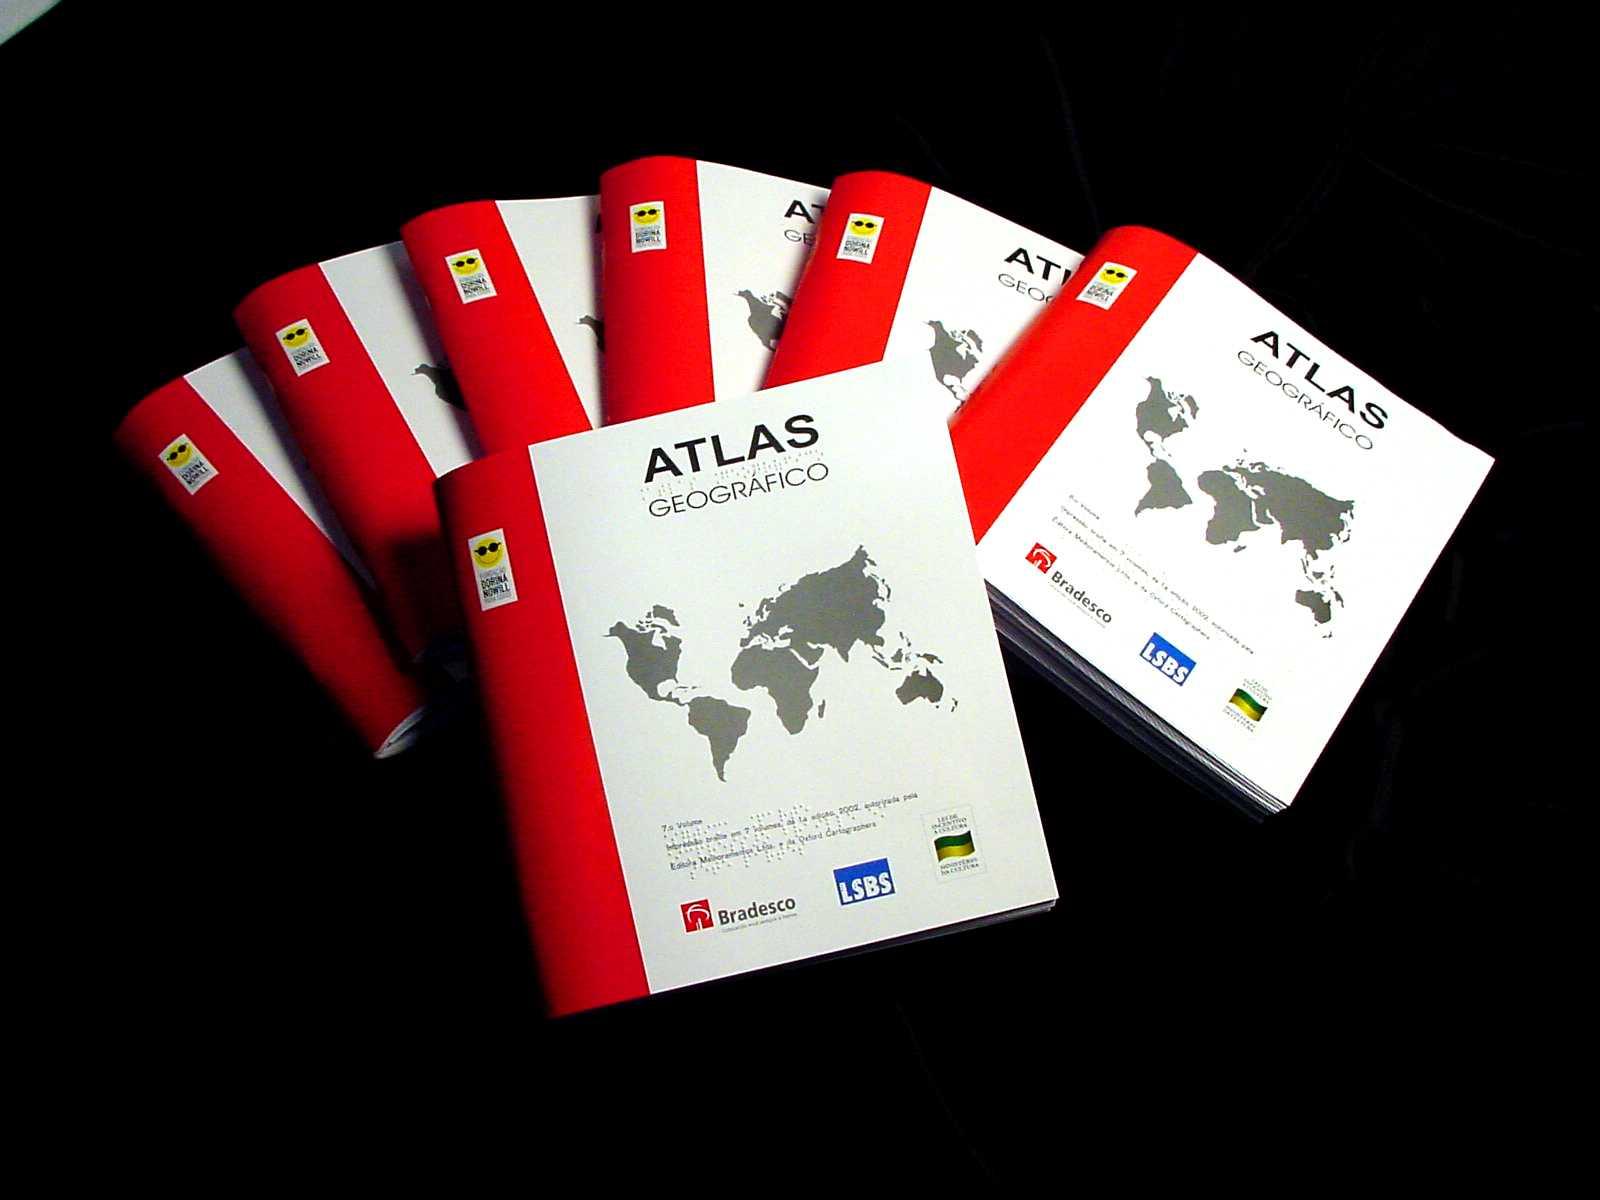 """Imagem de fundo preto. No centro há diversos livros braille didáticos. Eles tem capa branca, com a lombada vermelha. No topo da capa está escrito """"ATLAS"""" e abaixo está desenhado o mapa mundi."""